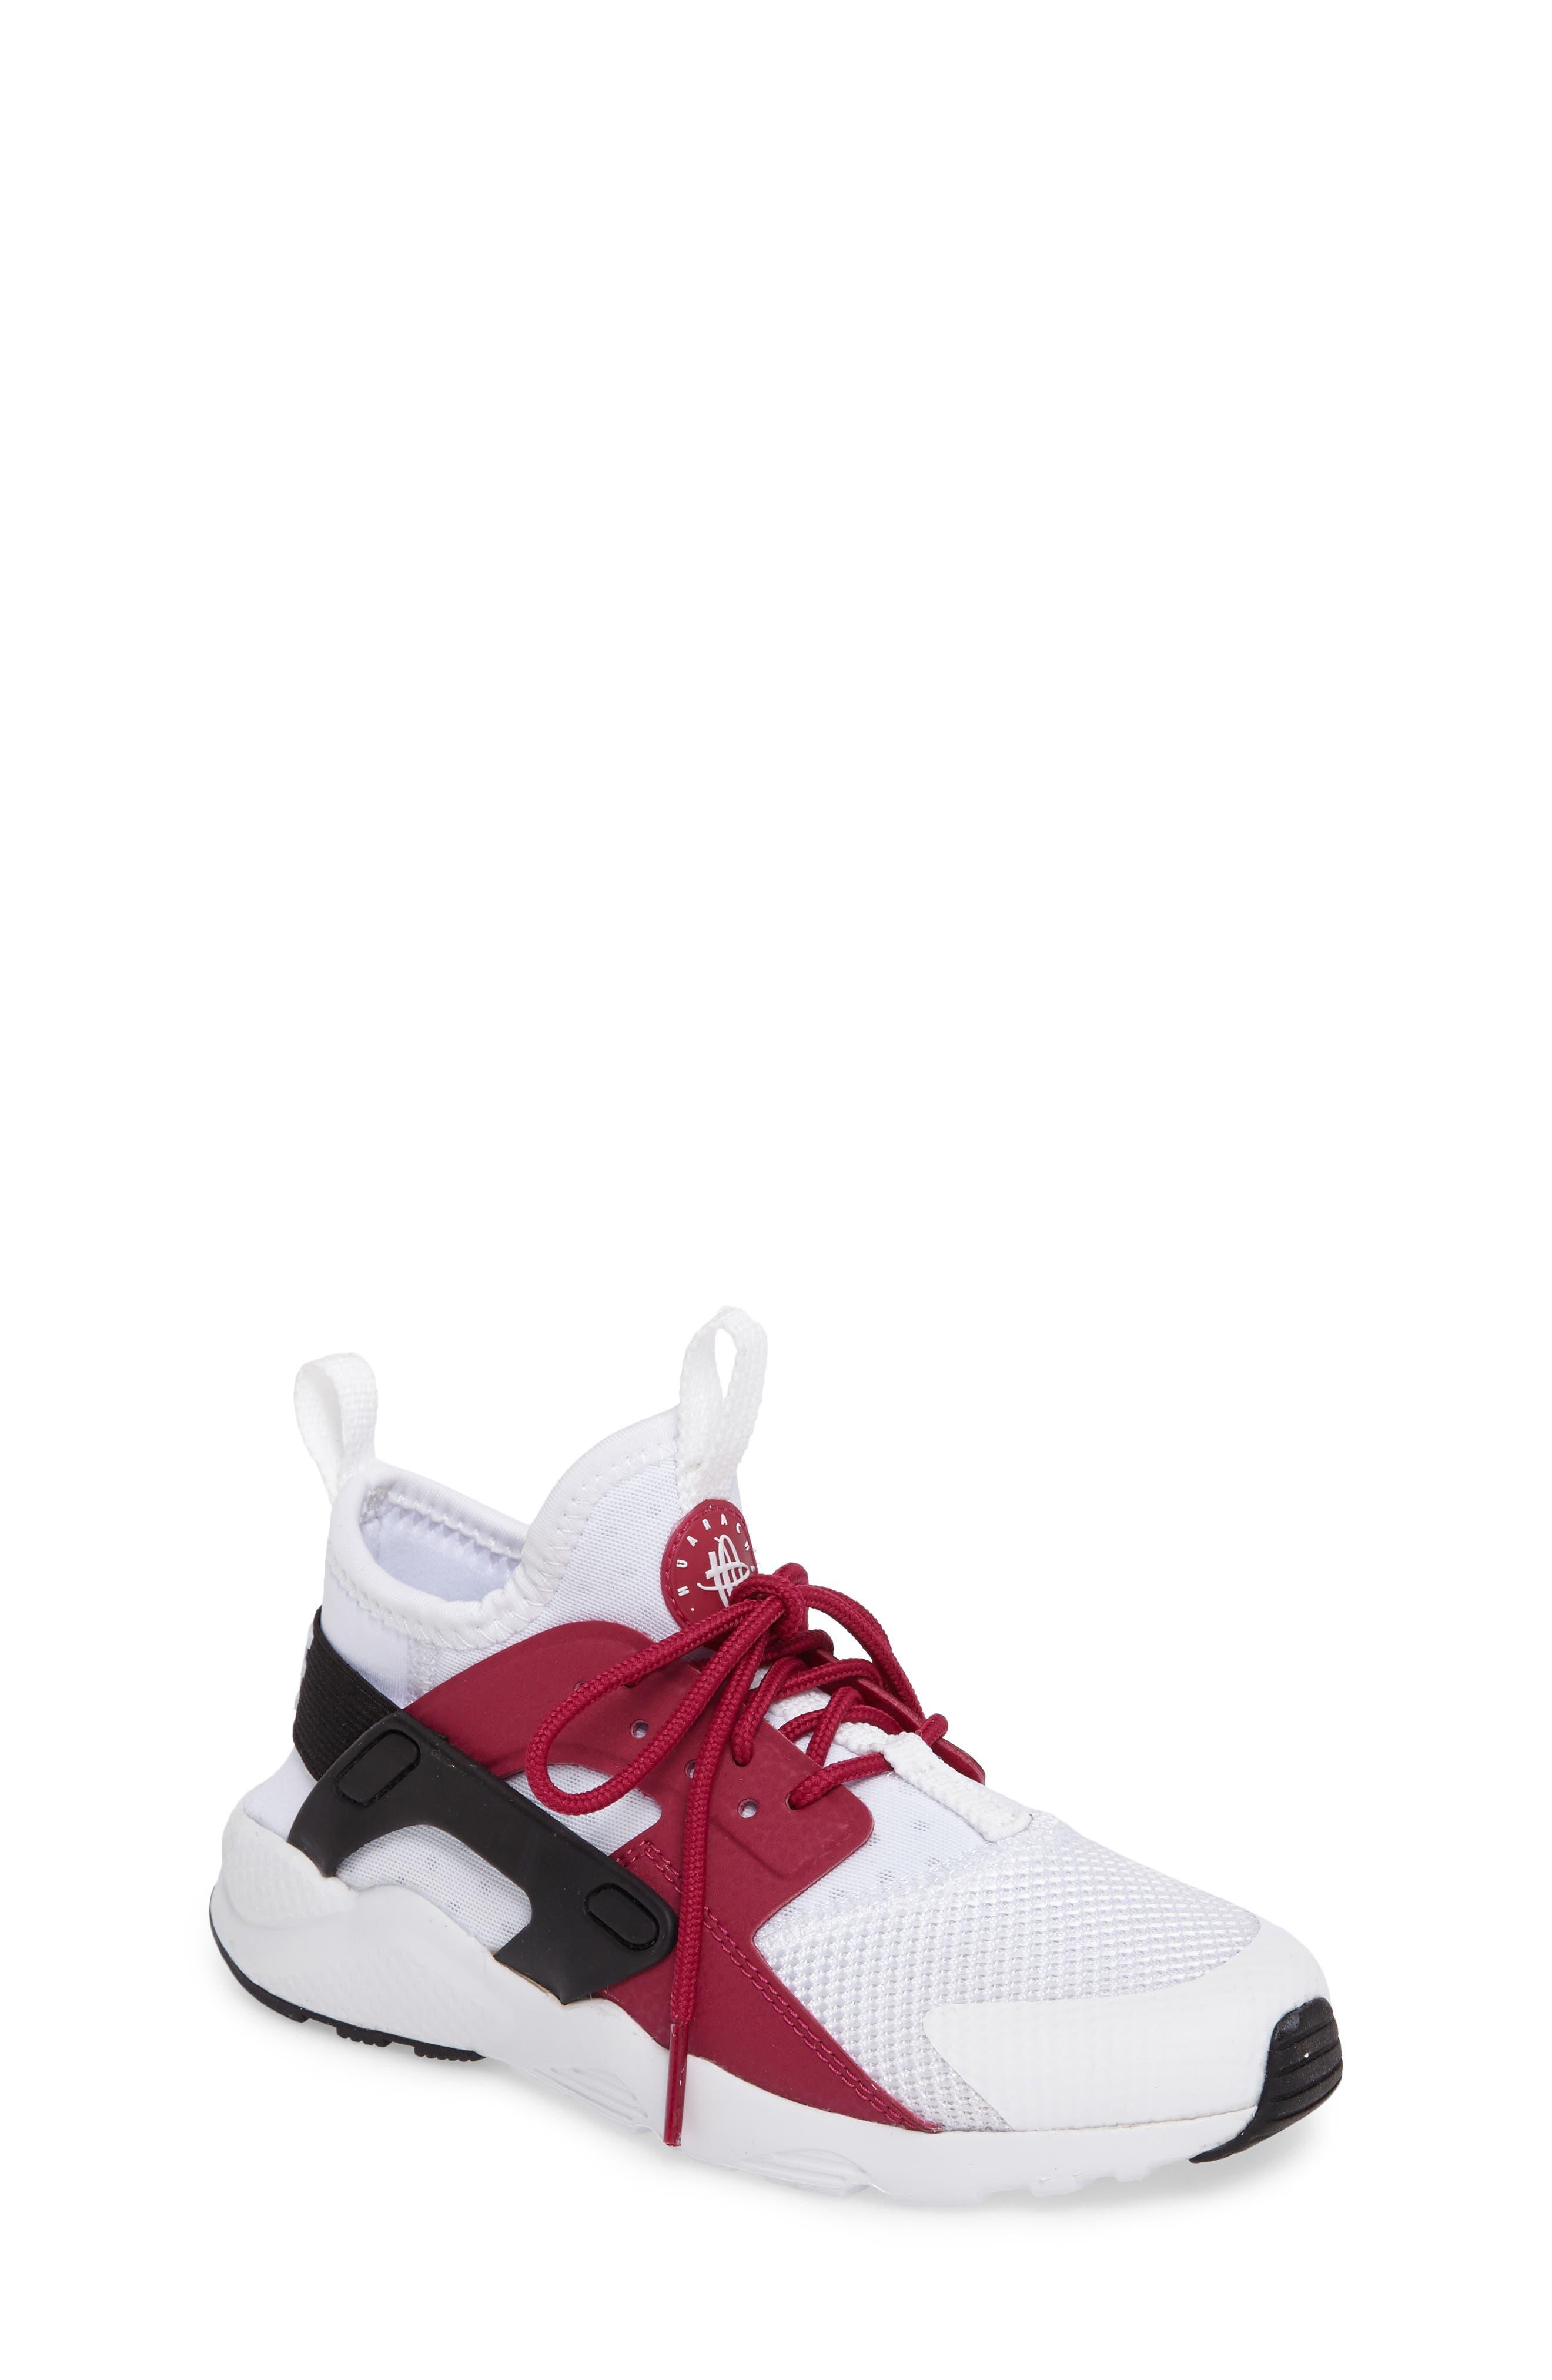 Air Huarache Run Ultra Sneaker,                             Main thumbnail 1, color,                             White/ Sport Fuchsia/ Black